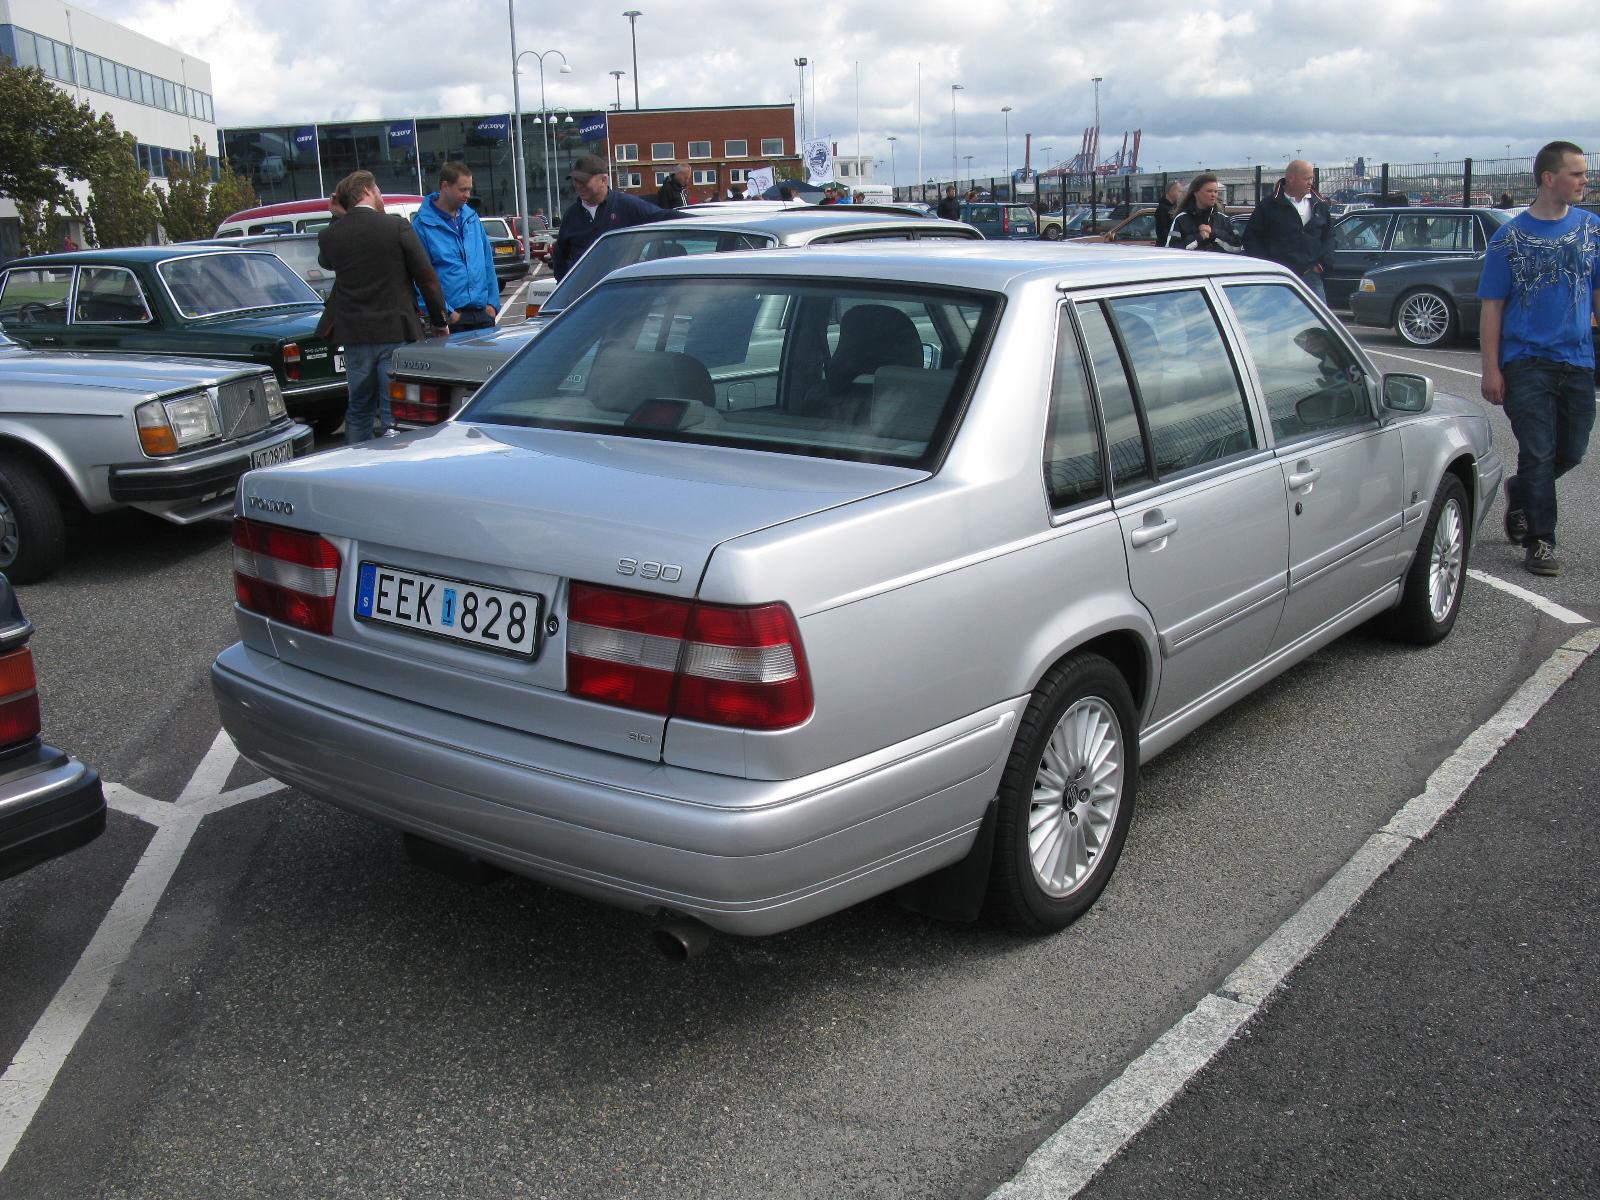 Volvo S90 I 1996 - 1998 Sedan #1